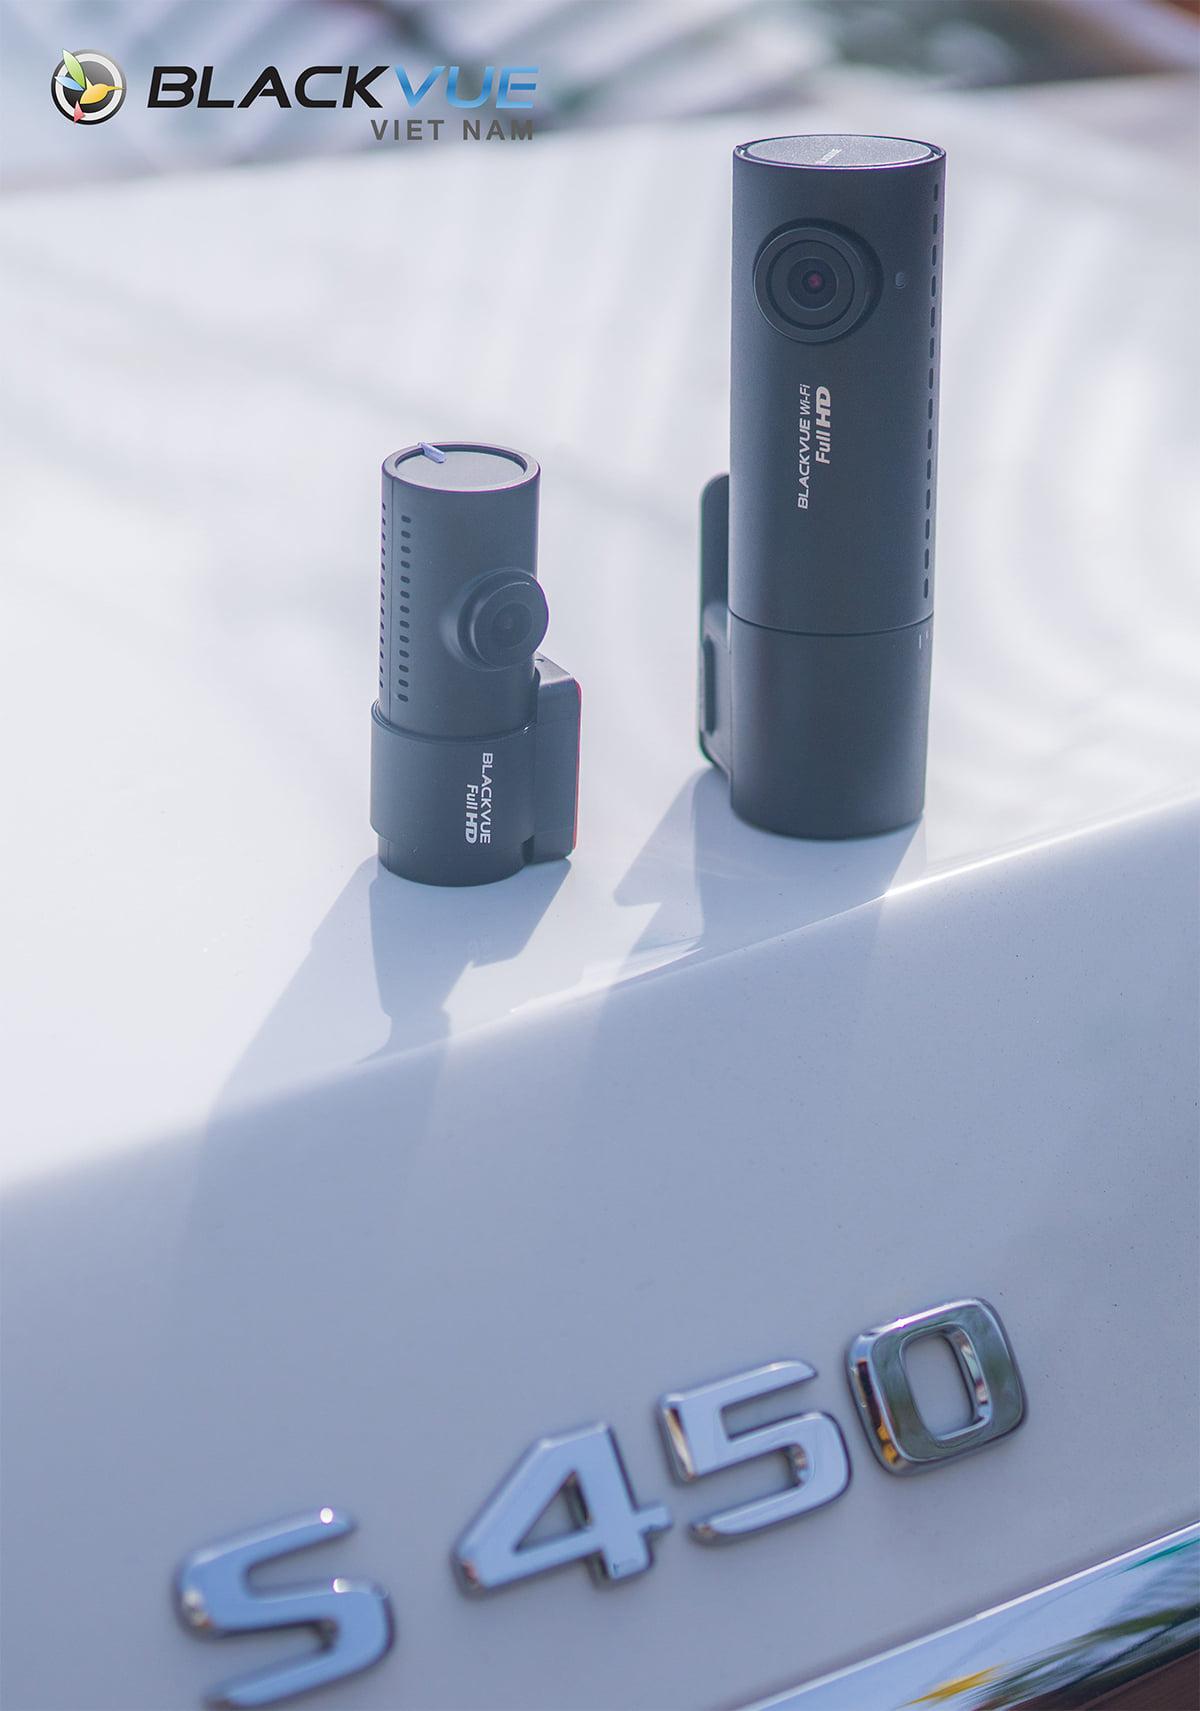 Nhưng không phải ai cũng có nhu cầu này, Blackvue hiểu rõ và cho ra đời dòng sản phẩm camera hành trình nhỏ nhất DR590X tuy hiện tại không quản lý được xe từ xa nhưng mức giá tốt hơn, ngoại hình nhỏ gọn hơn.